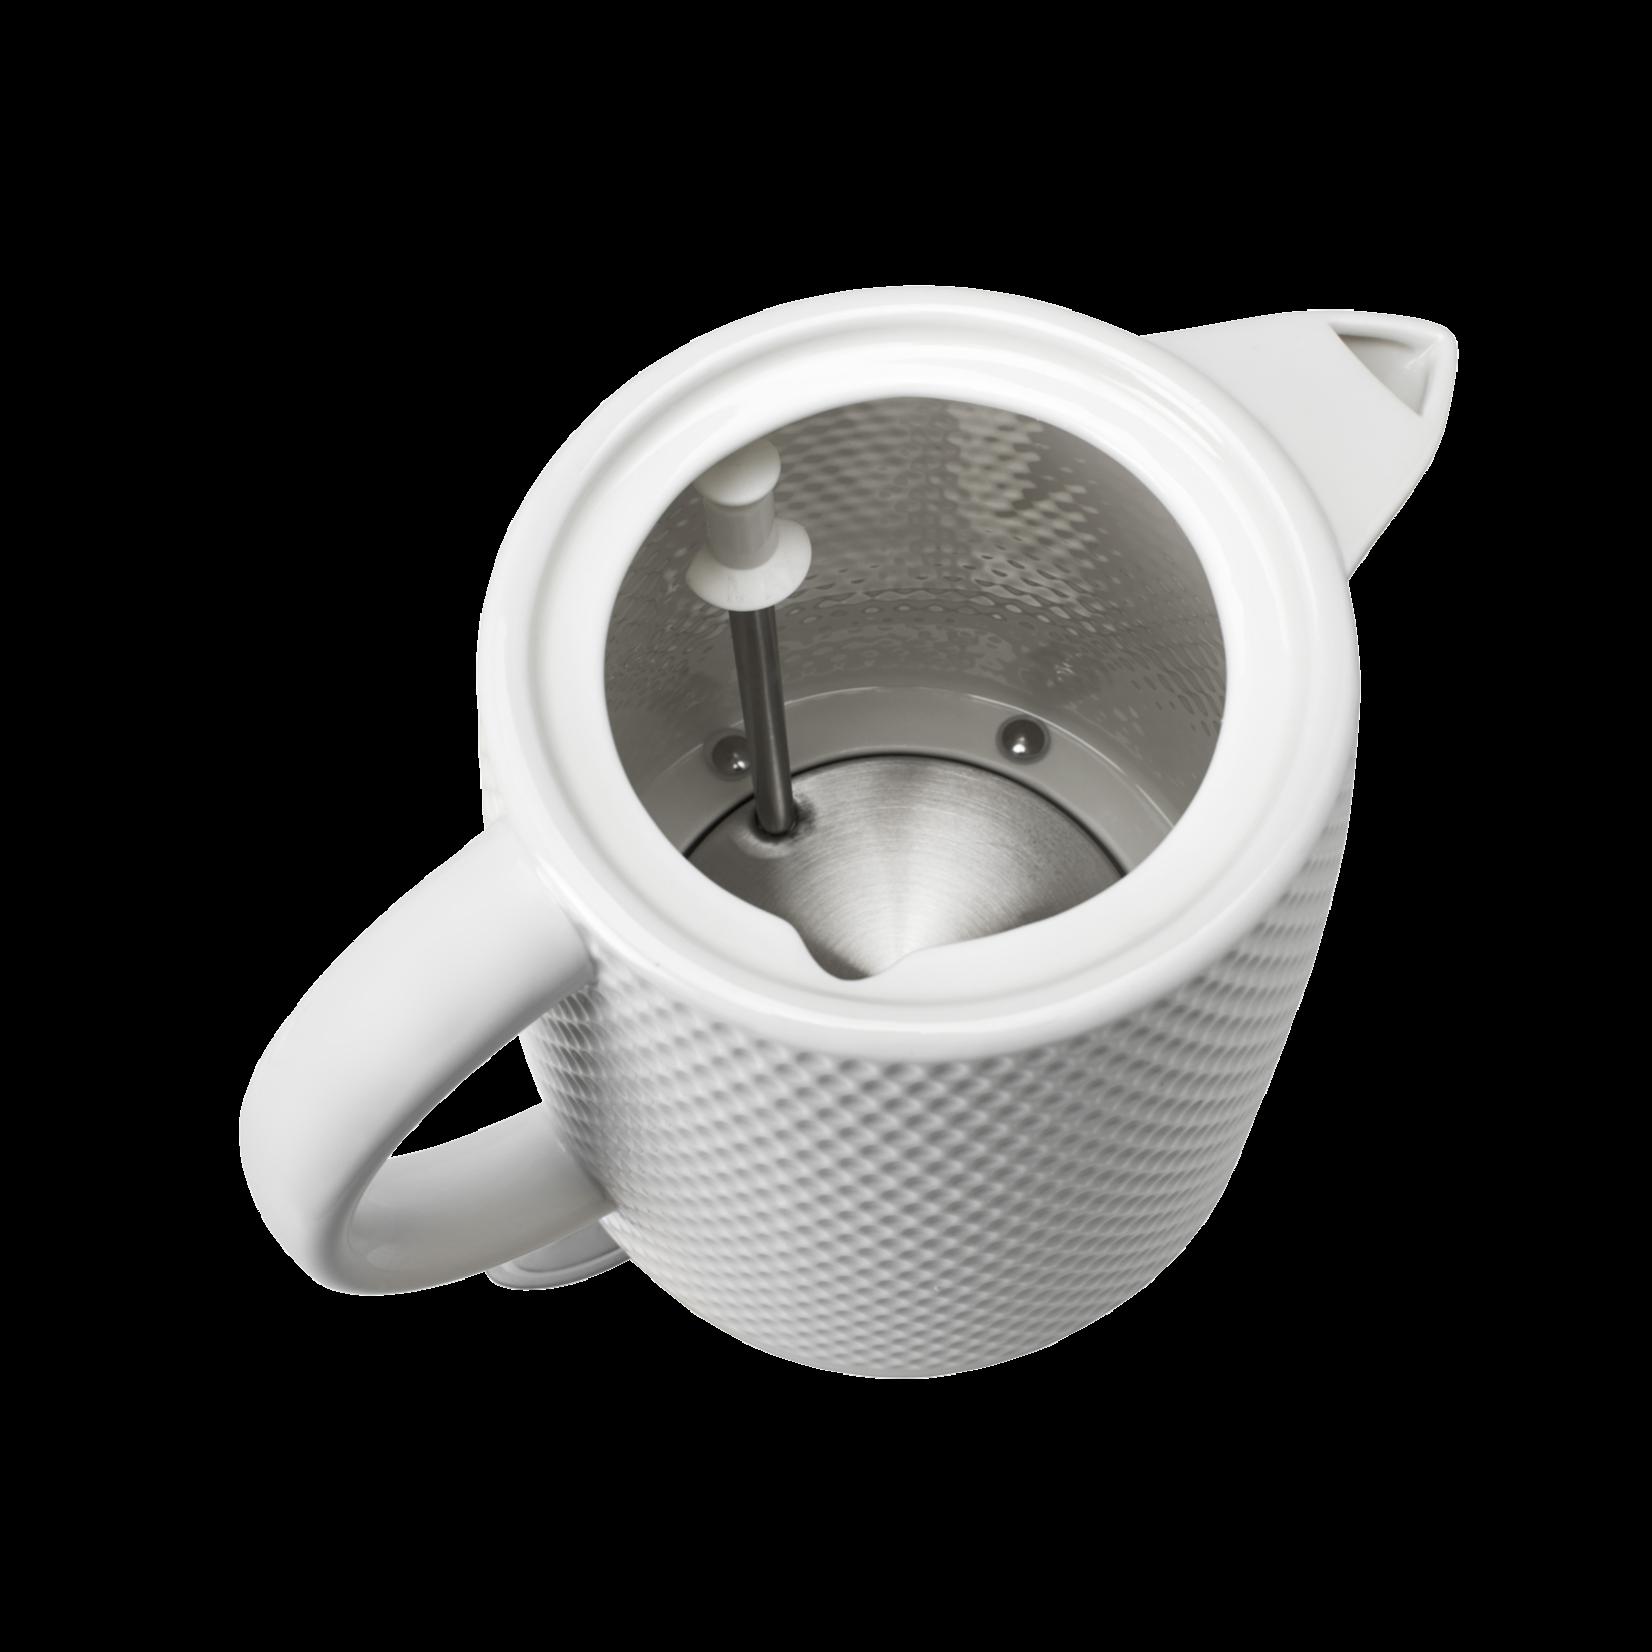 Concept Concept keramieken waterkoker RK0040